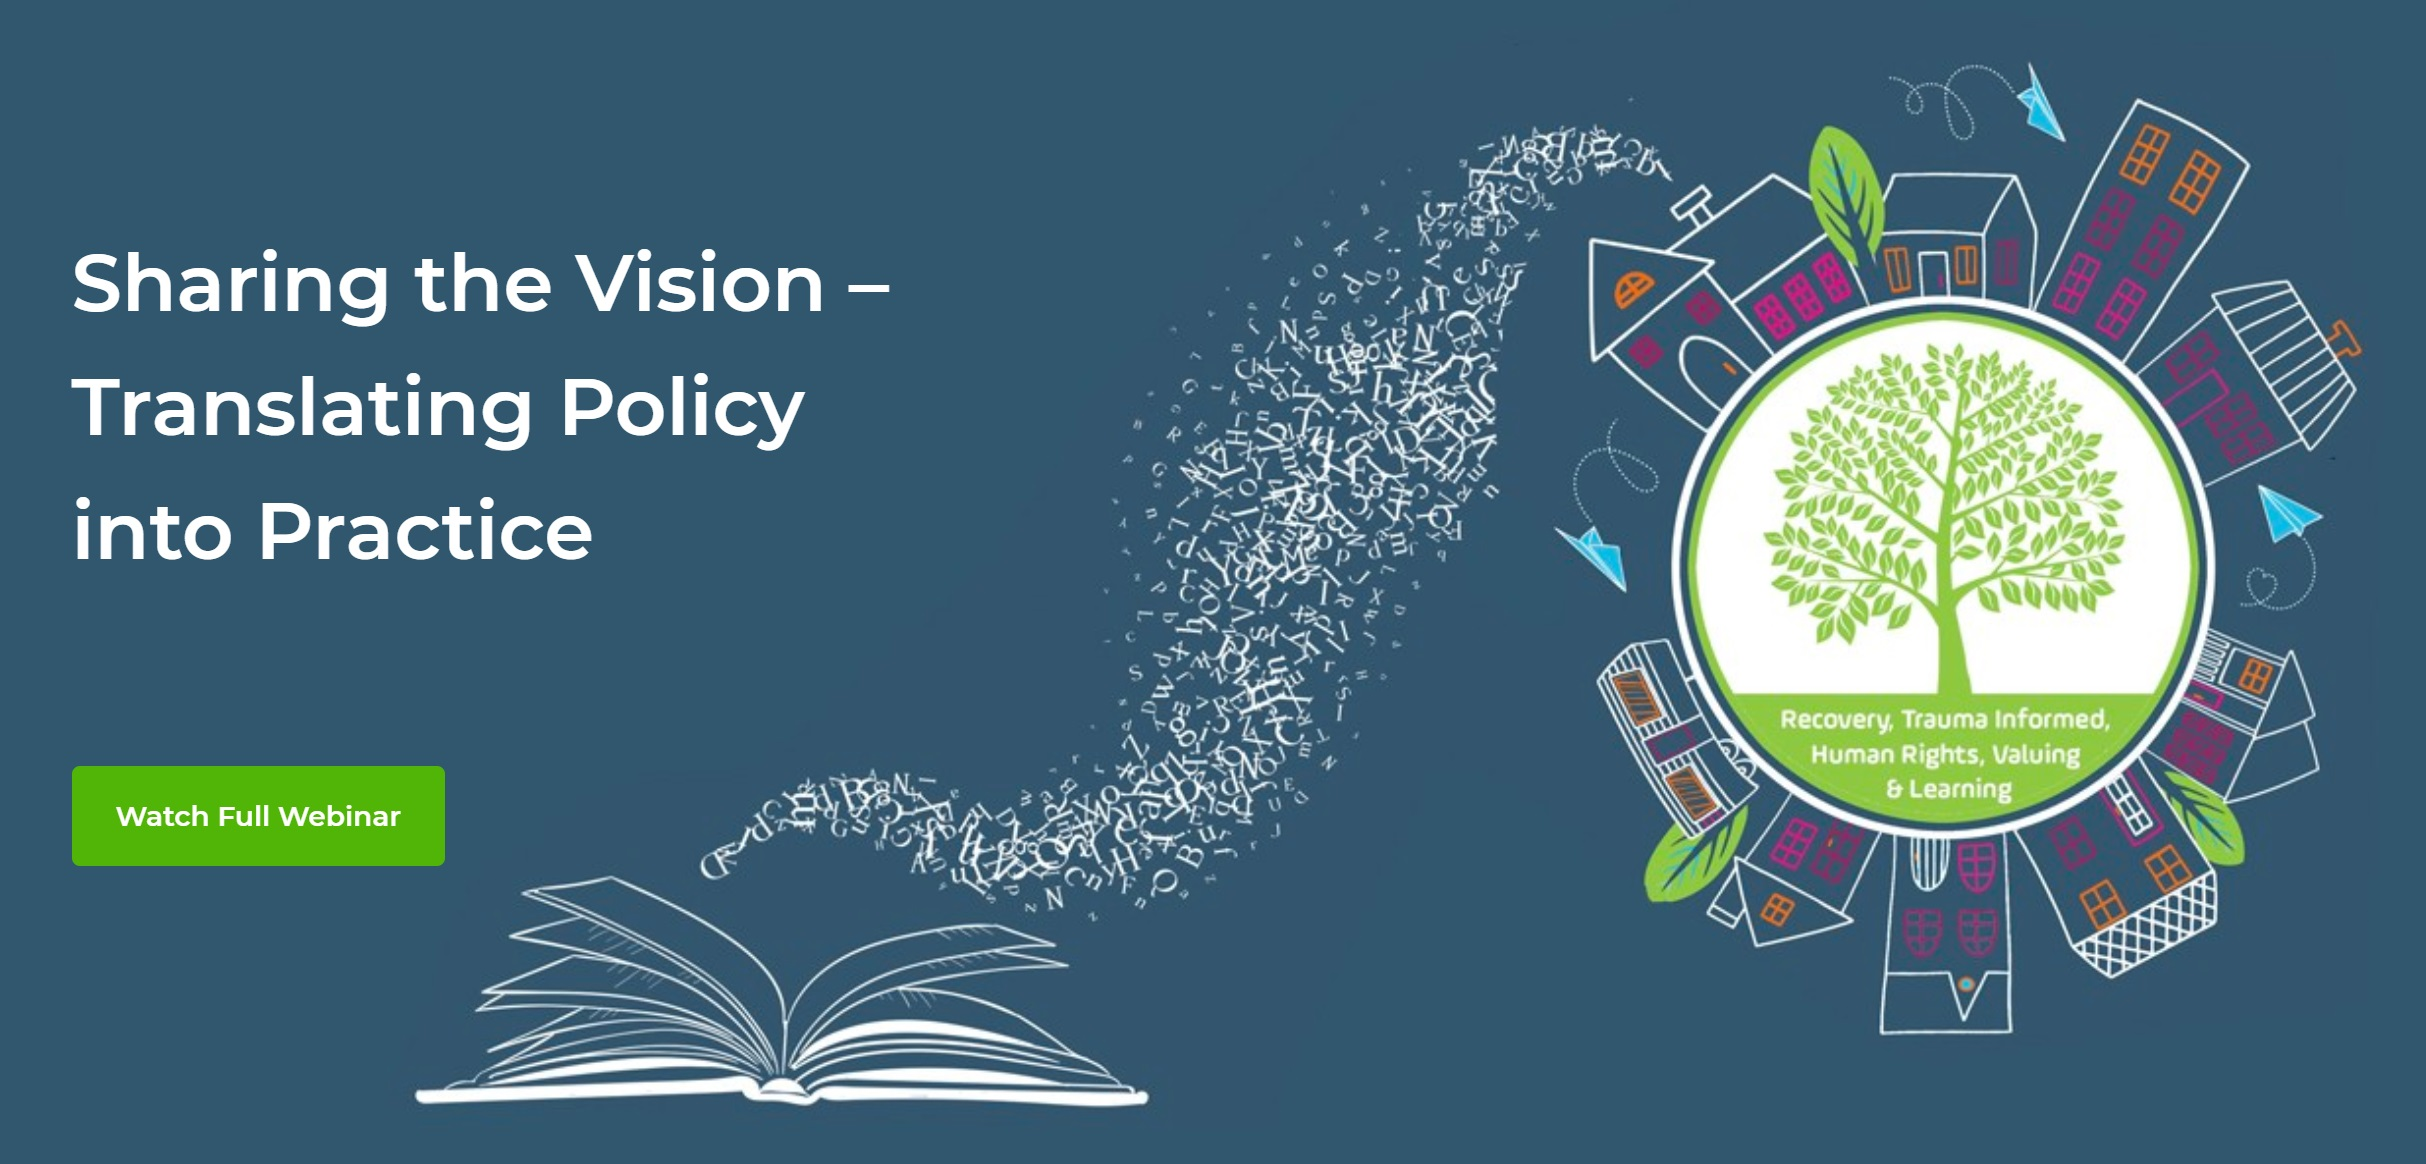 Sharing the Vision Webinar